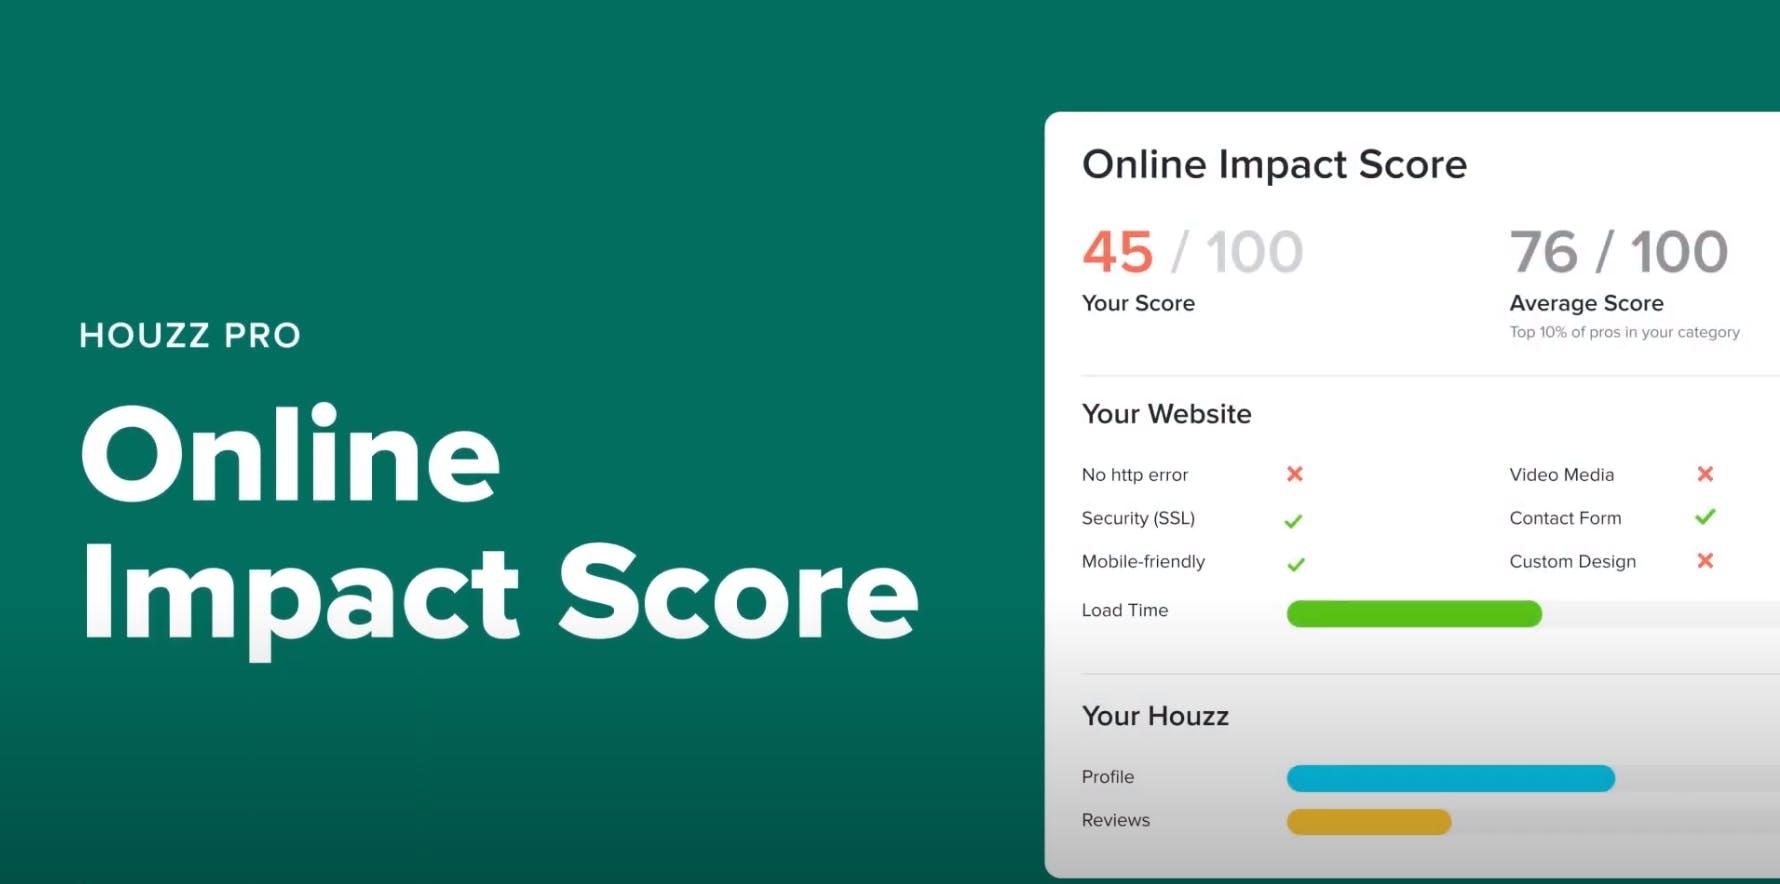 Houzz Online Impact Score